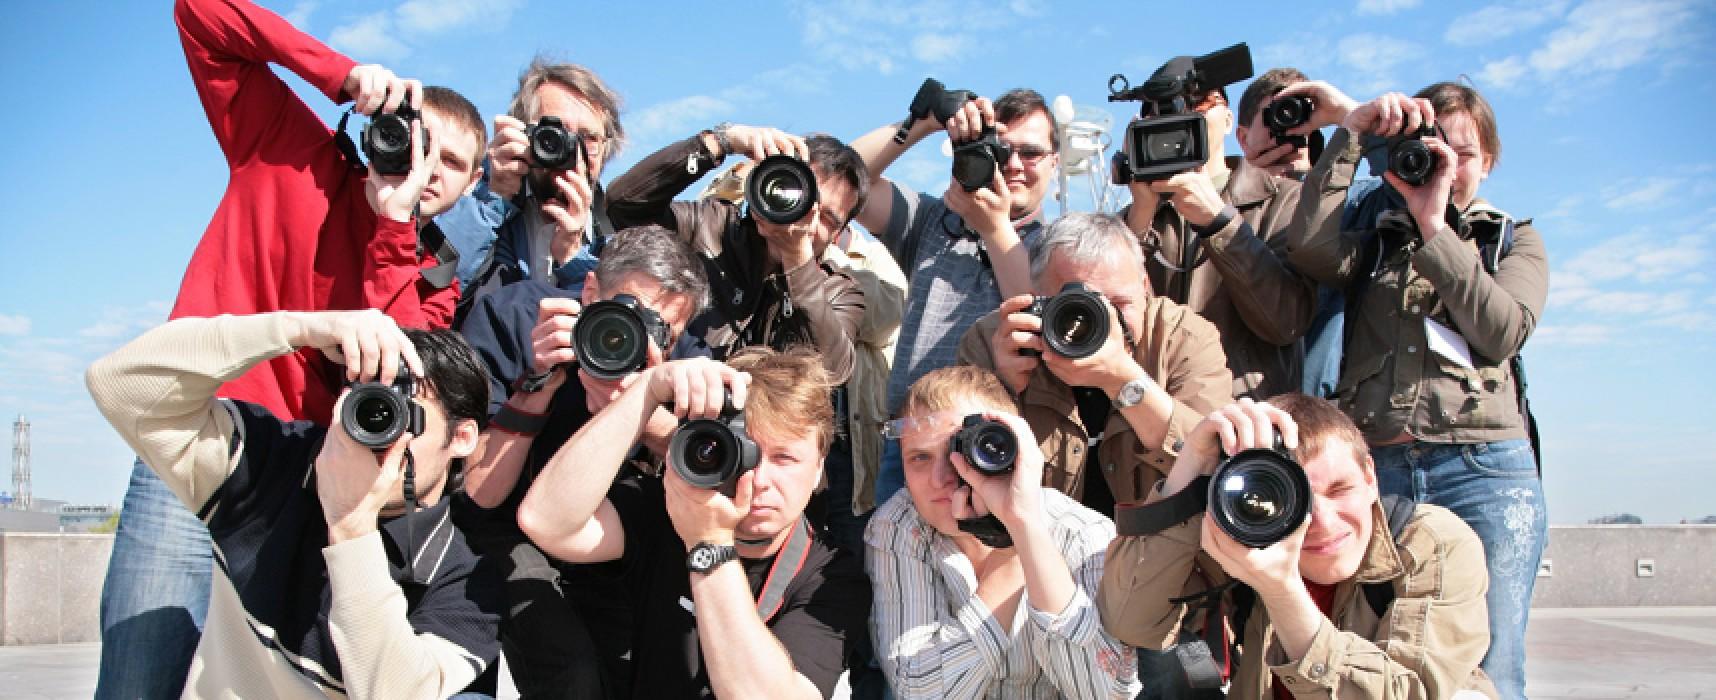 Gruppo Digitale, a Bari si selezionano cento fotografi con e senza esperienza / DETTAGLI